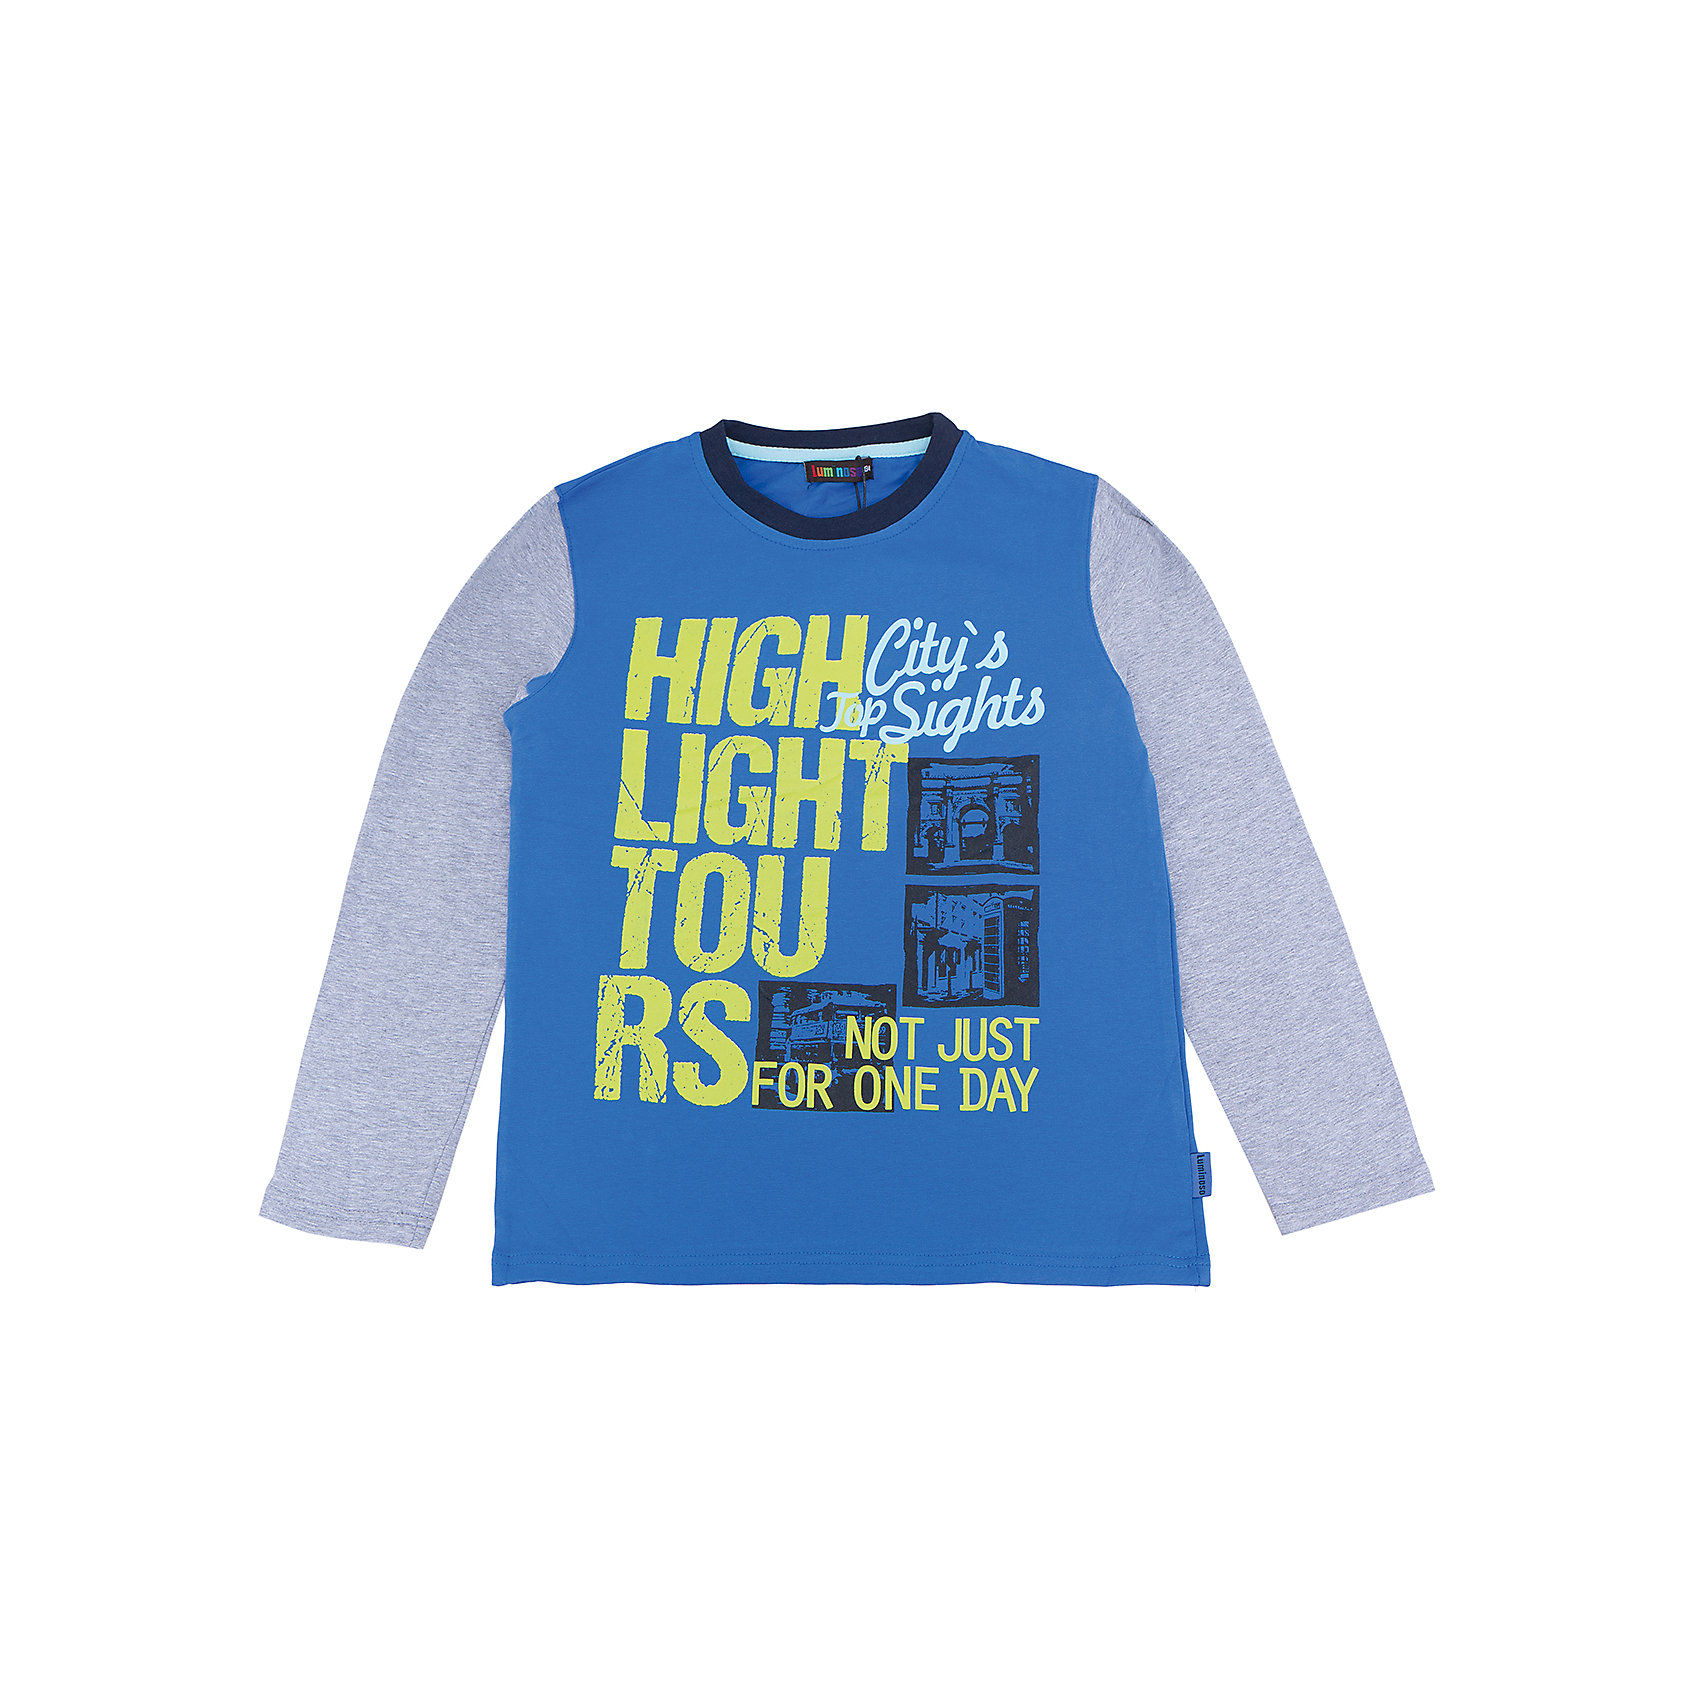 Футболка с длинным рукавом для мальчика LuminosoФутболки с длинным рукавом<br>Характеристики товара:<br><br>- цвет: синий;<br>- материал: 95% хлопок, 5% эластан;<br>- декорирована принтом;<br>- длинный рукав;<br>- округлый горловой вырез.<br><br>Стильная одежда от бренда Luminoso (Люминосо), созданная при участии итальянских дизайнеров, учитывает потребности подростков и последние веяния моды. Она удобная и модная.<br>Эта футболка с длинным рукавом выглядит стильно и нарядно, но при этом подходит для ежедневного ношения. Он хорошо сидит на ребенке, обеспечивает комфорт и отлично сочетается с одежной разных стилей. Модель отличается высоким качеством материала и продуманным дизайном. Натуральный хлопок в составе изделия делает его дышащим, приятным на ощупь и гипоаллергеным.<br><br>Футболку с длинным рукавом для мальчика от бренда Luminoso (Люминосо) можно купить в нашем интернет-магазине.<br><br>Ширина мм: 230<br>Глубина мм: 40<br>Высота мм: 220<br>Вес г: 250<br>Цвет: синий<br>Возраст от месяцев: 144<br>Возраст до месяцев: 156<br>Пол: Мужской<br>Возраст: Детский<br>Размер: 158,164,134,140,146,152<br>SKU: 4930872